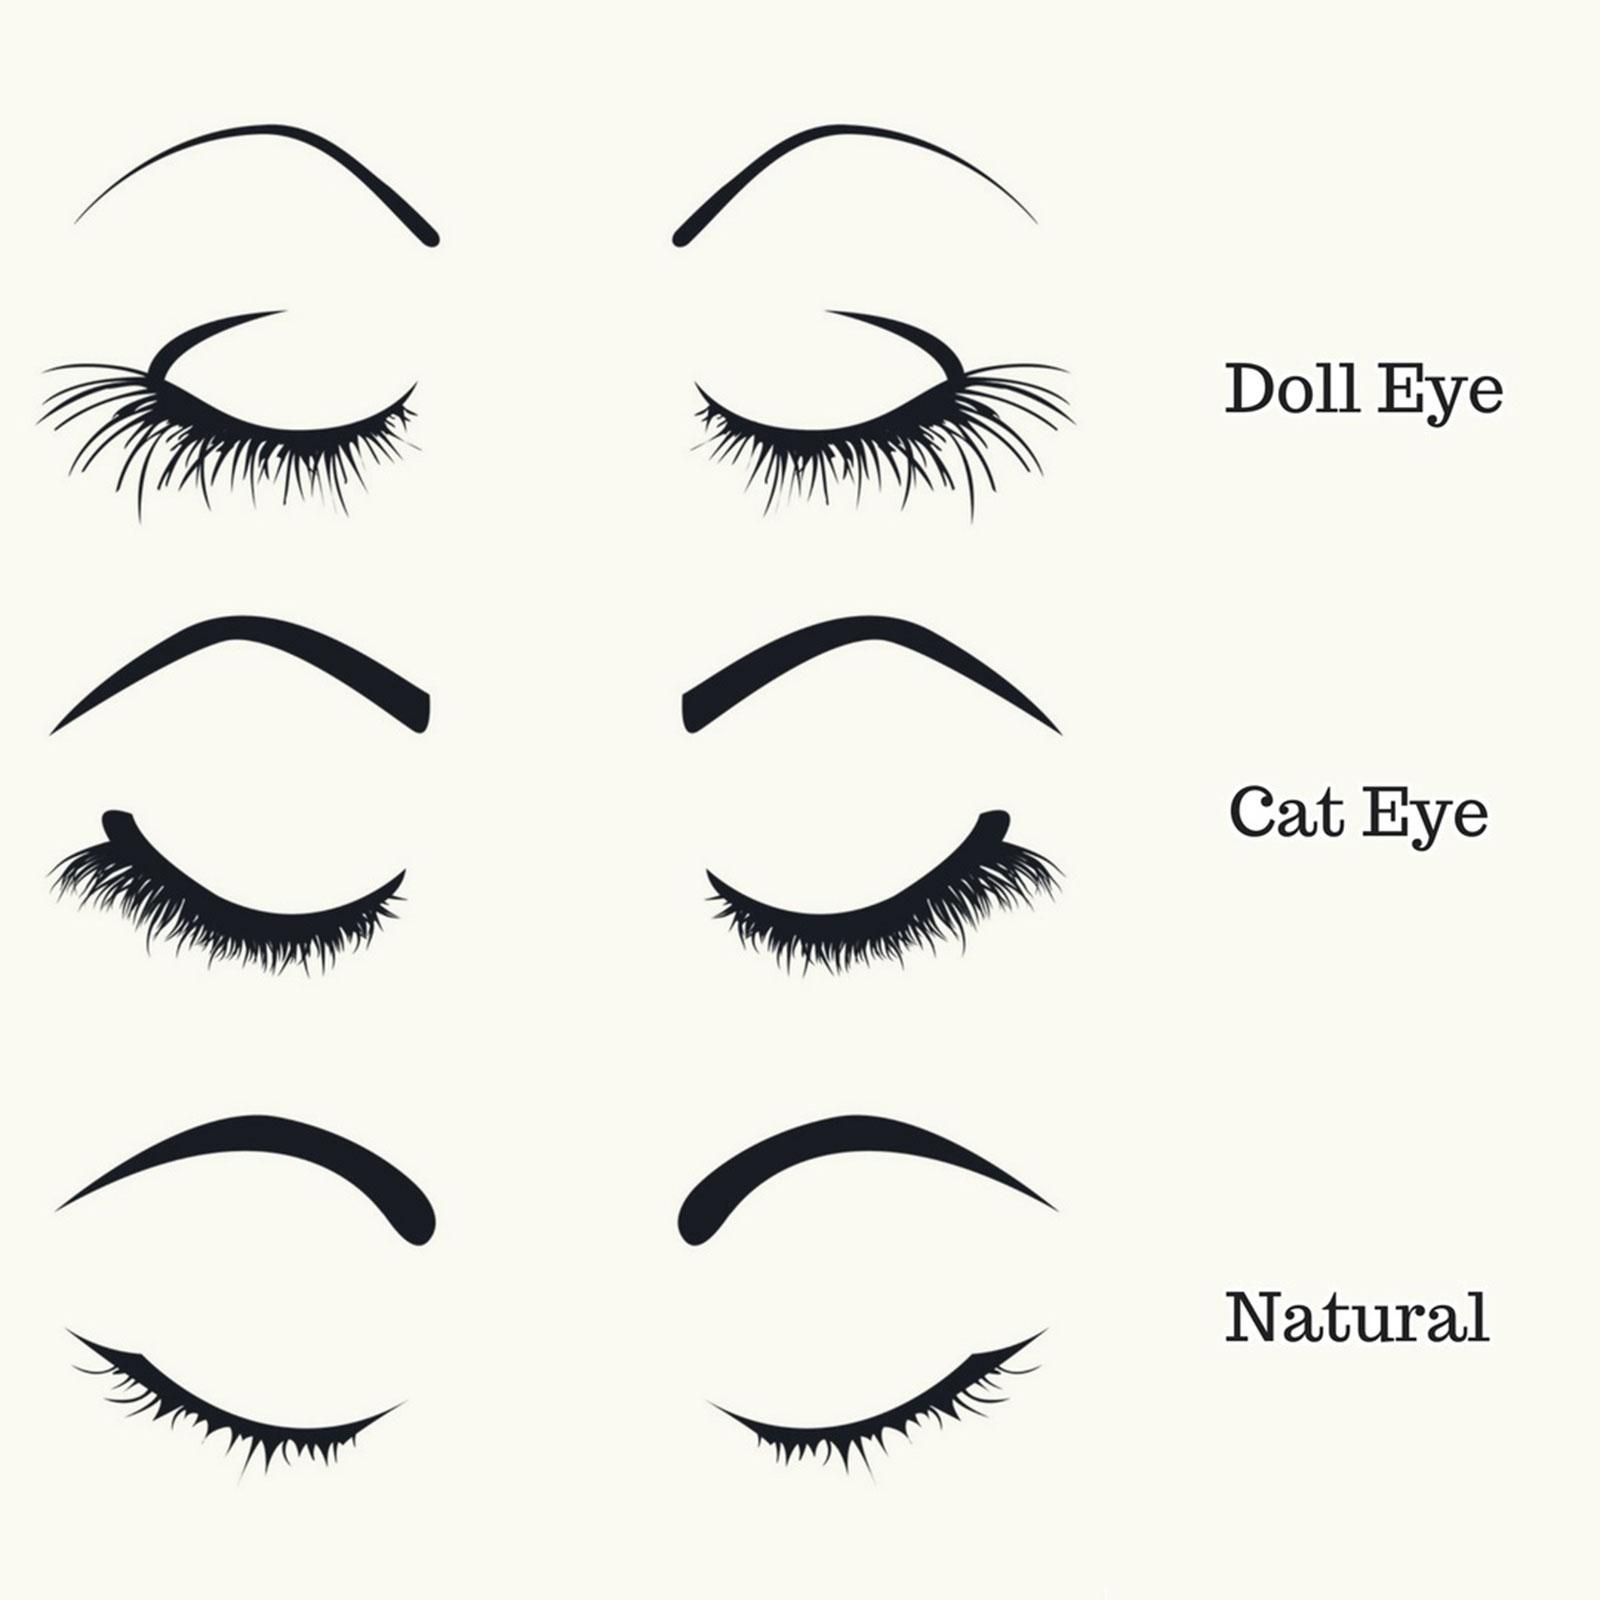 Eyelash Extensions Type